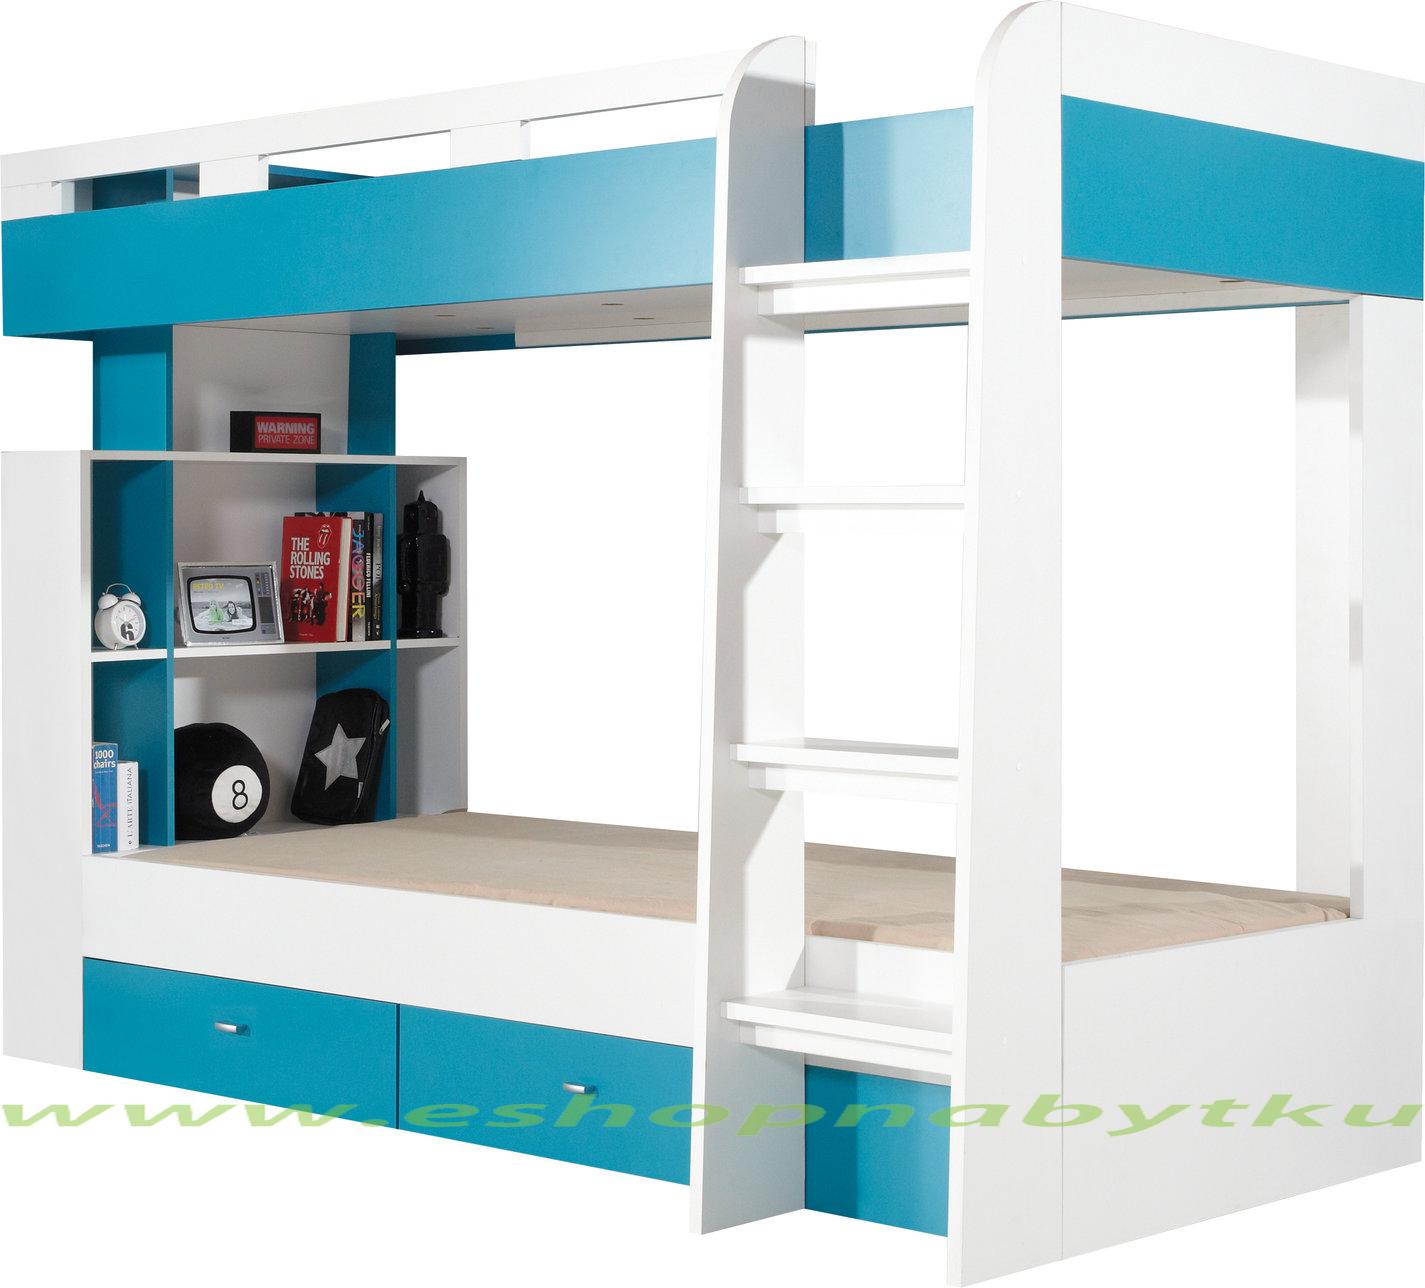 b7611a221156a Študentská /detská poschodová posteľ s úložným priestorom Poly 19 empty